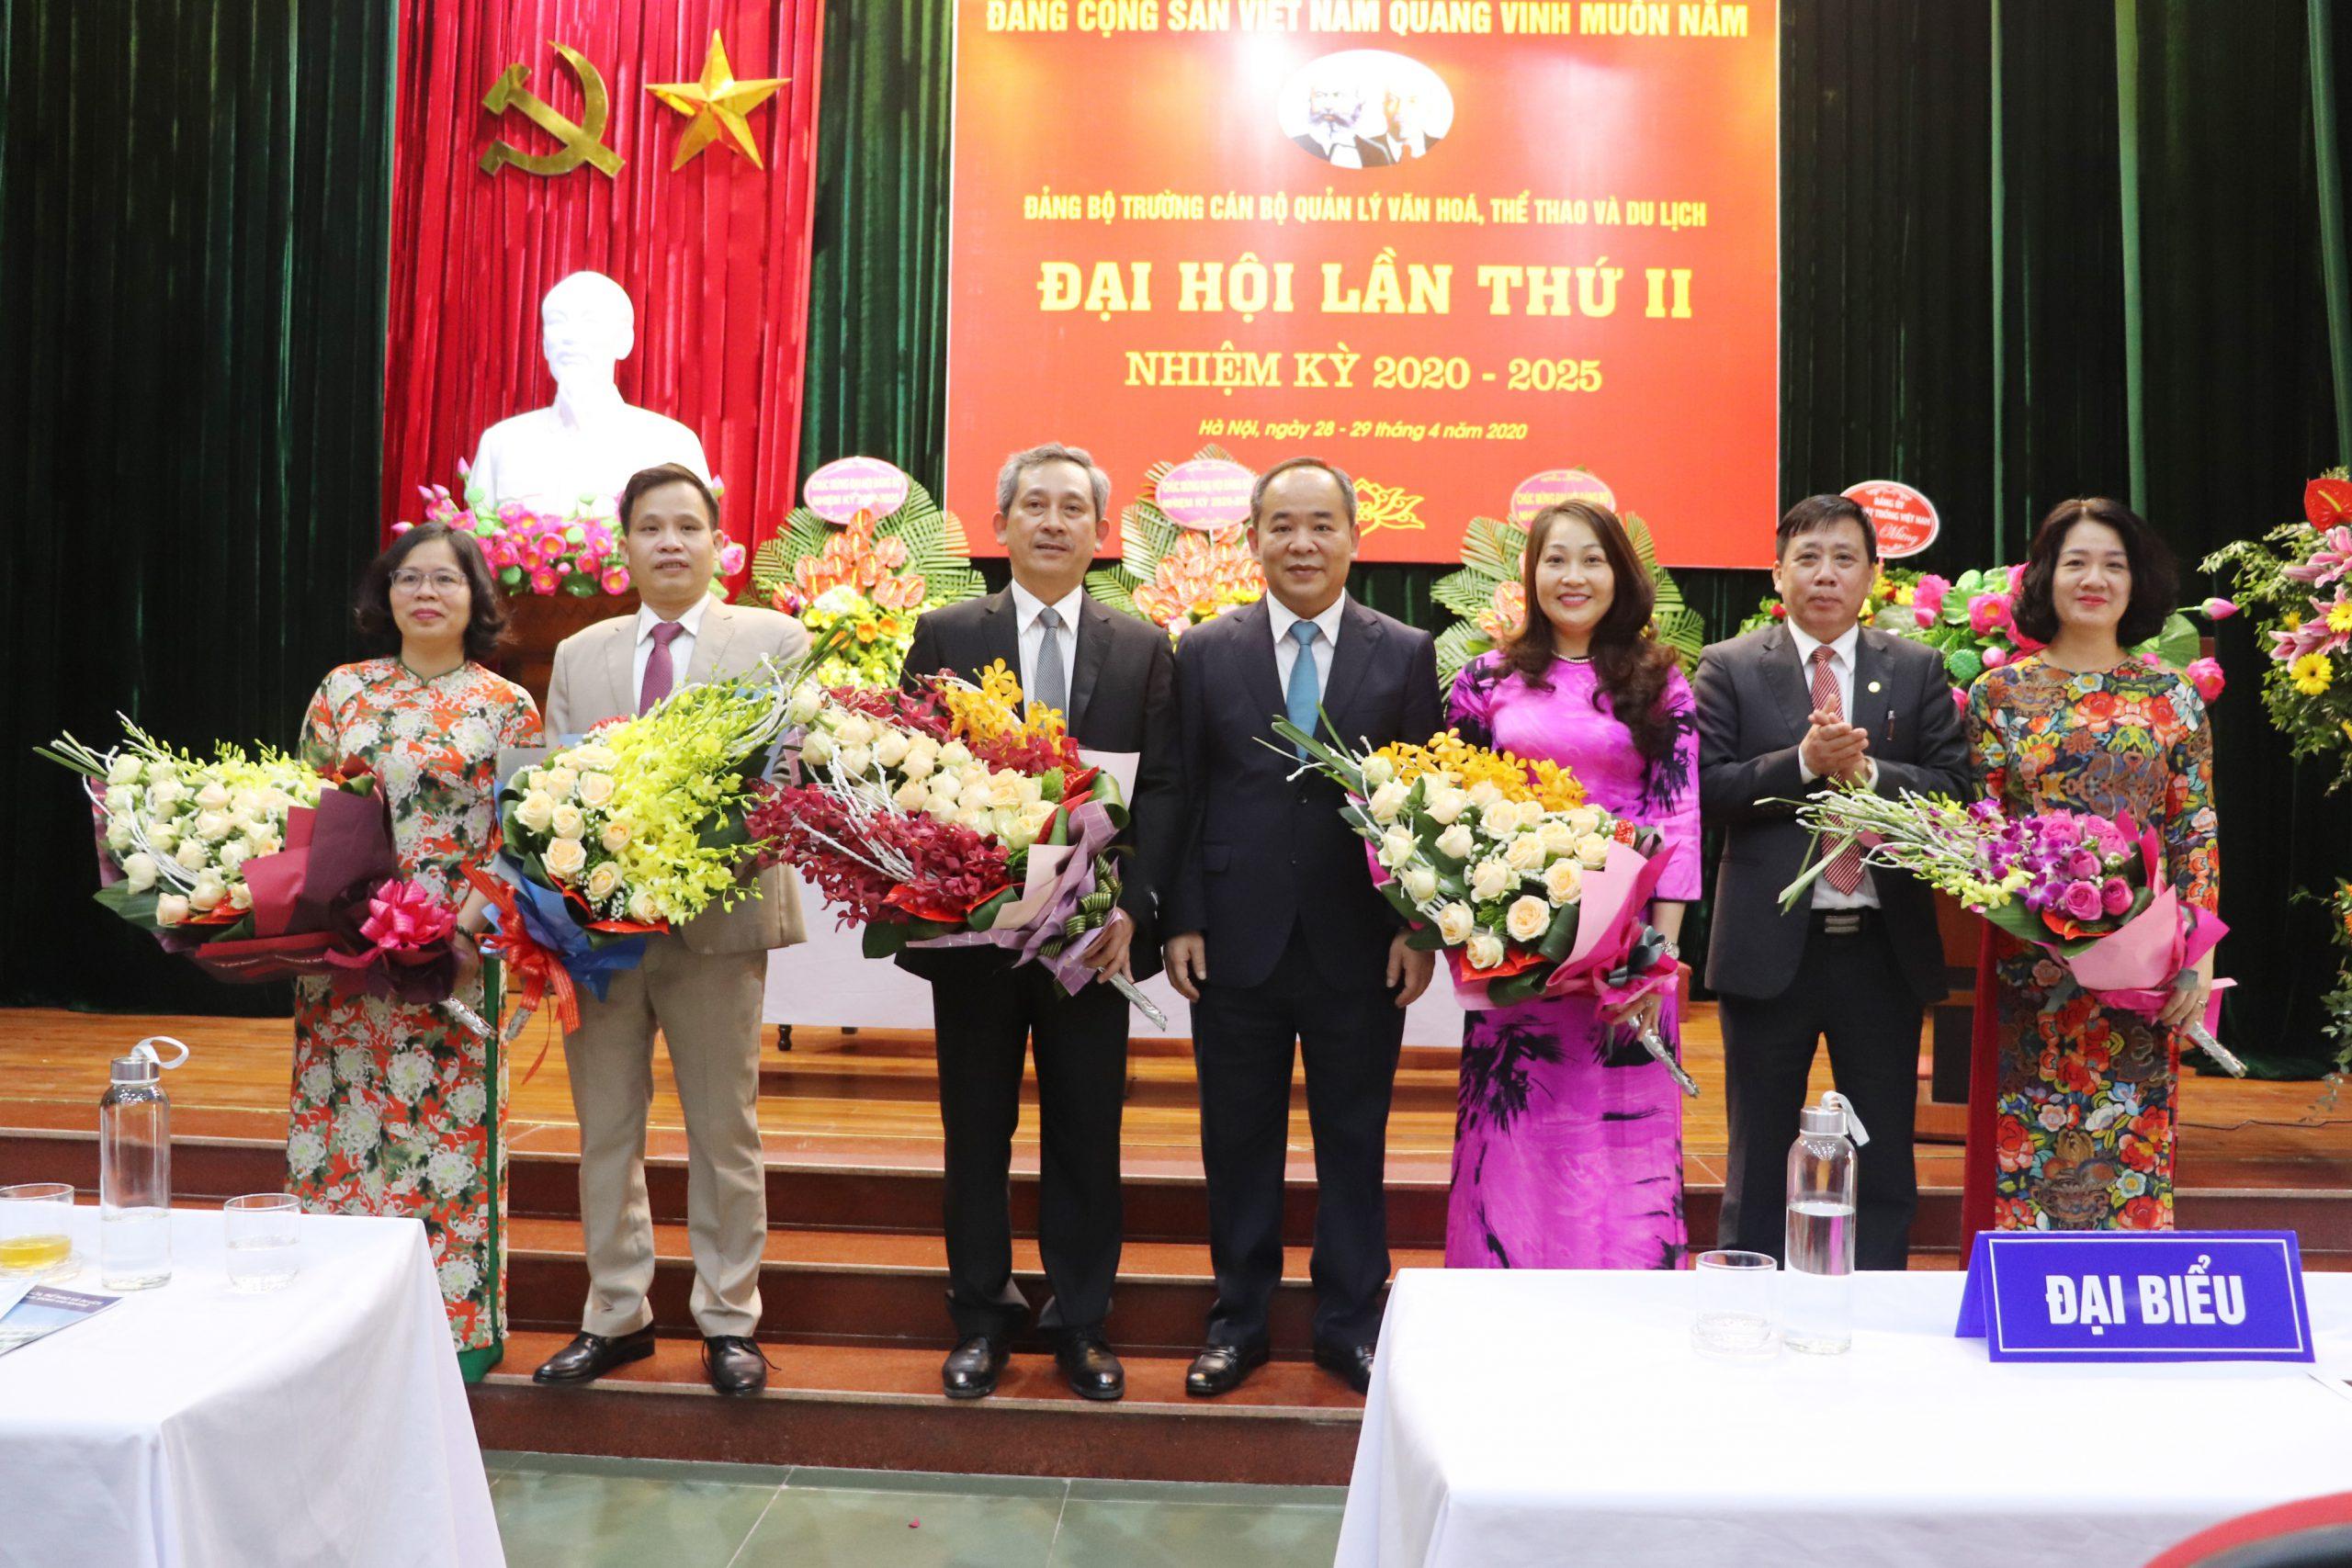 Đại hội Đảng bộ Trường Cán bộ quản lý văn hóa, thể thao và du lịch